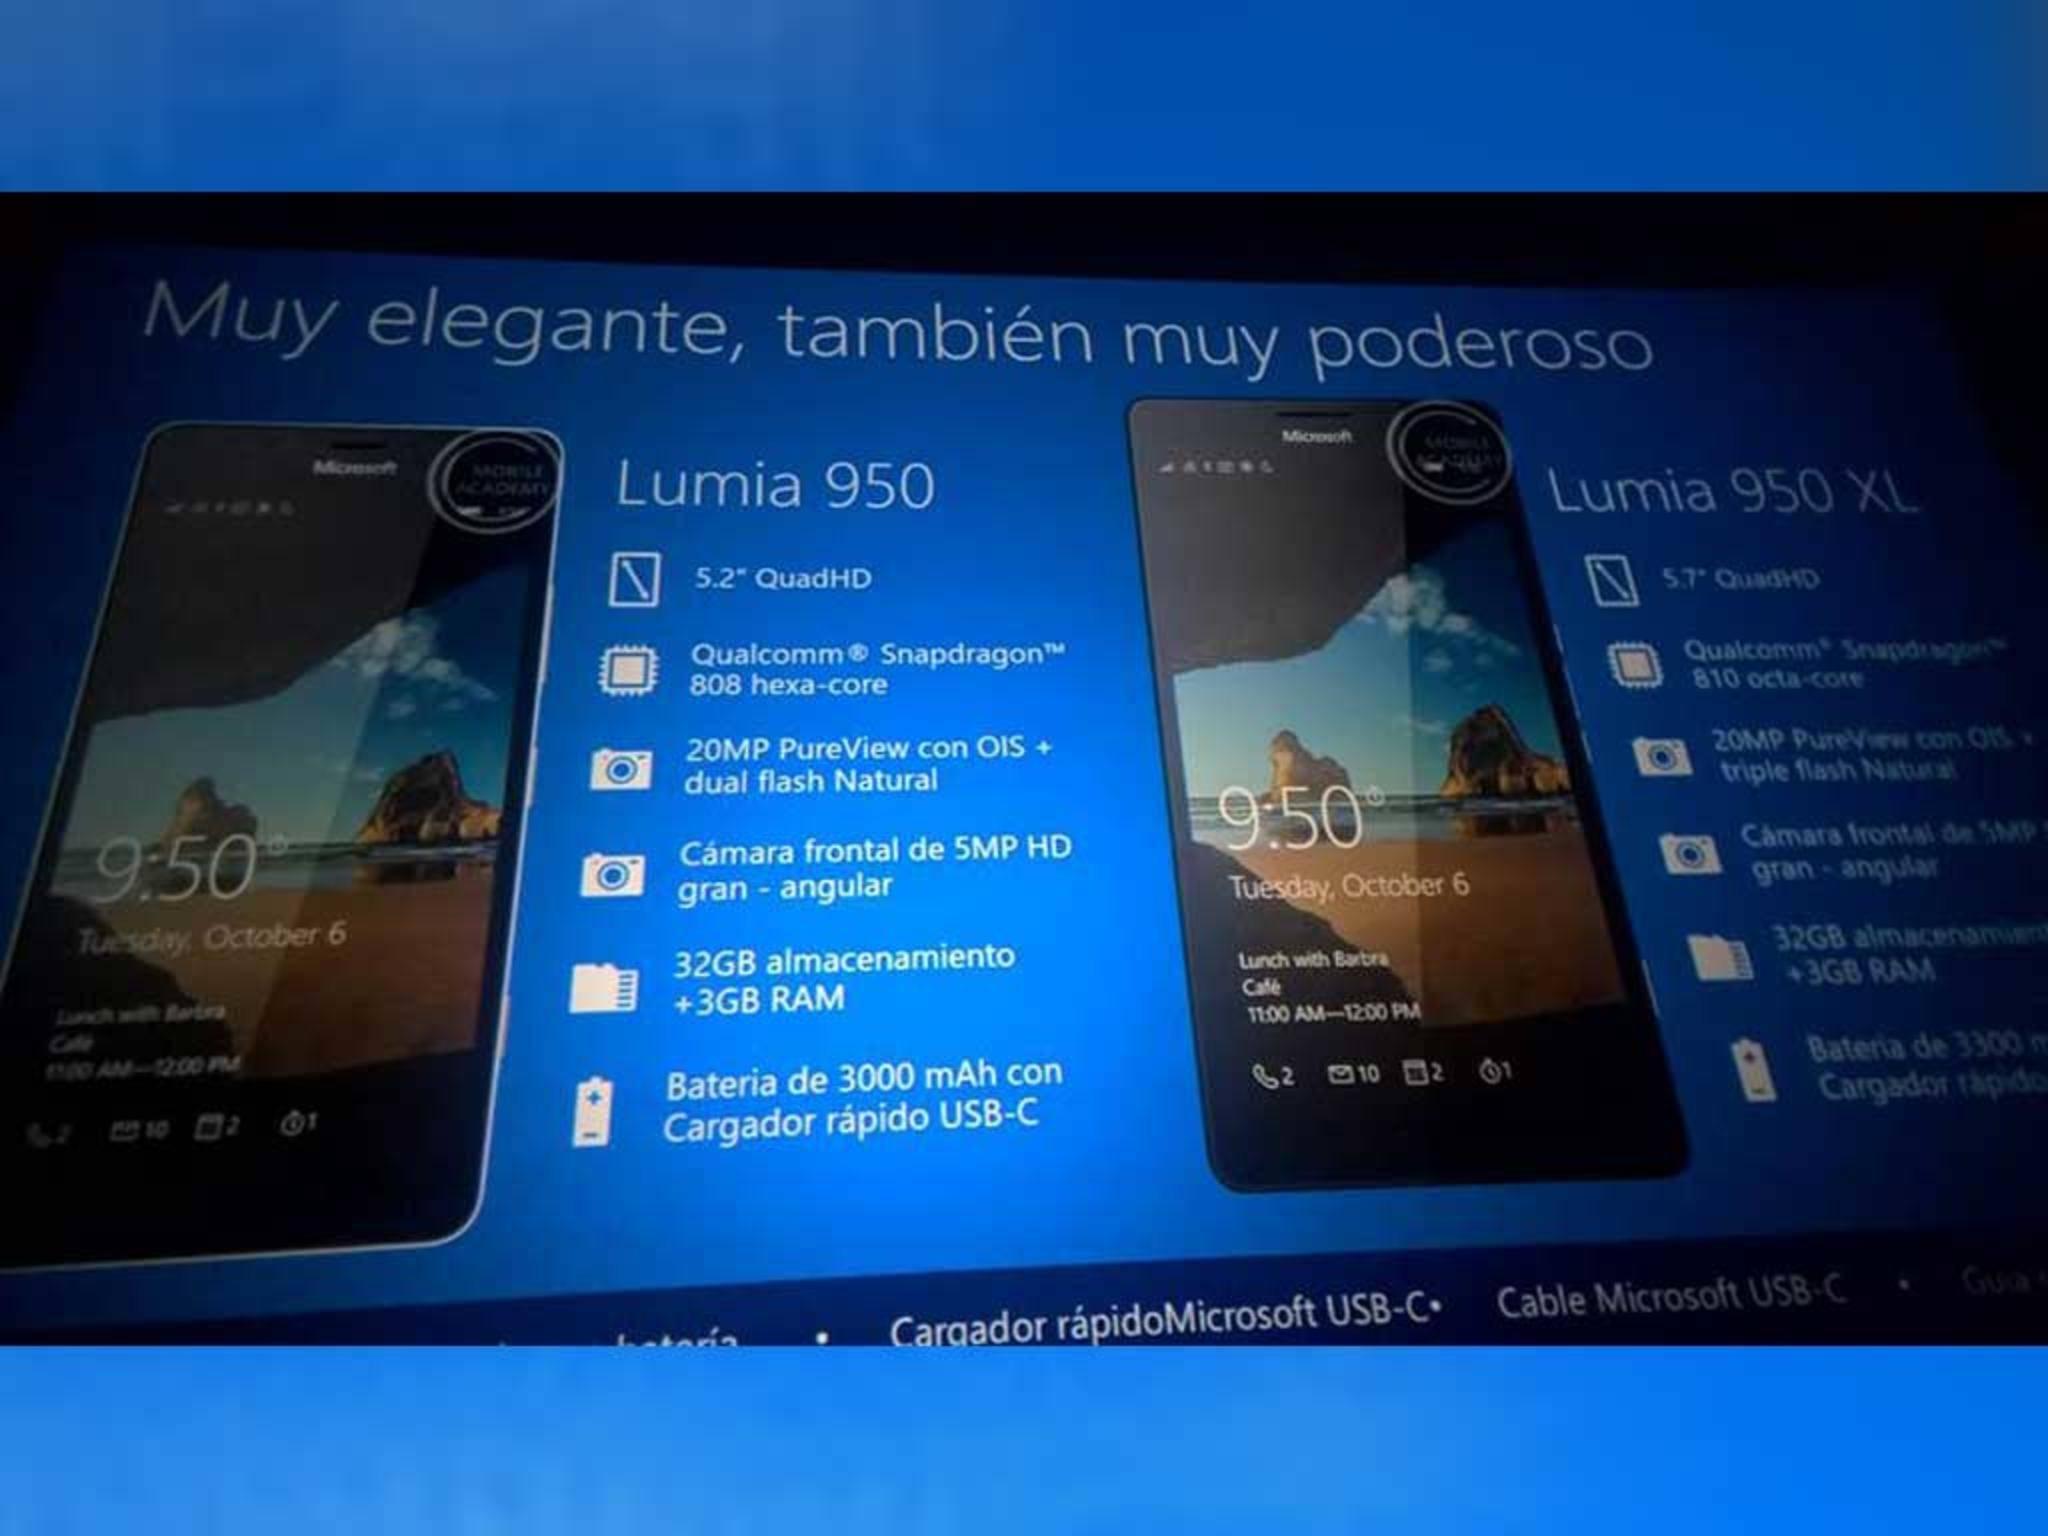 Die geleakten Bilder aus der Präsentation zeigen die neuen Lumia-Modelle.